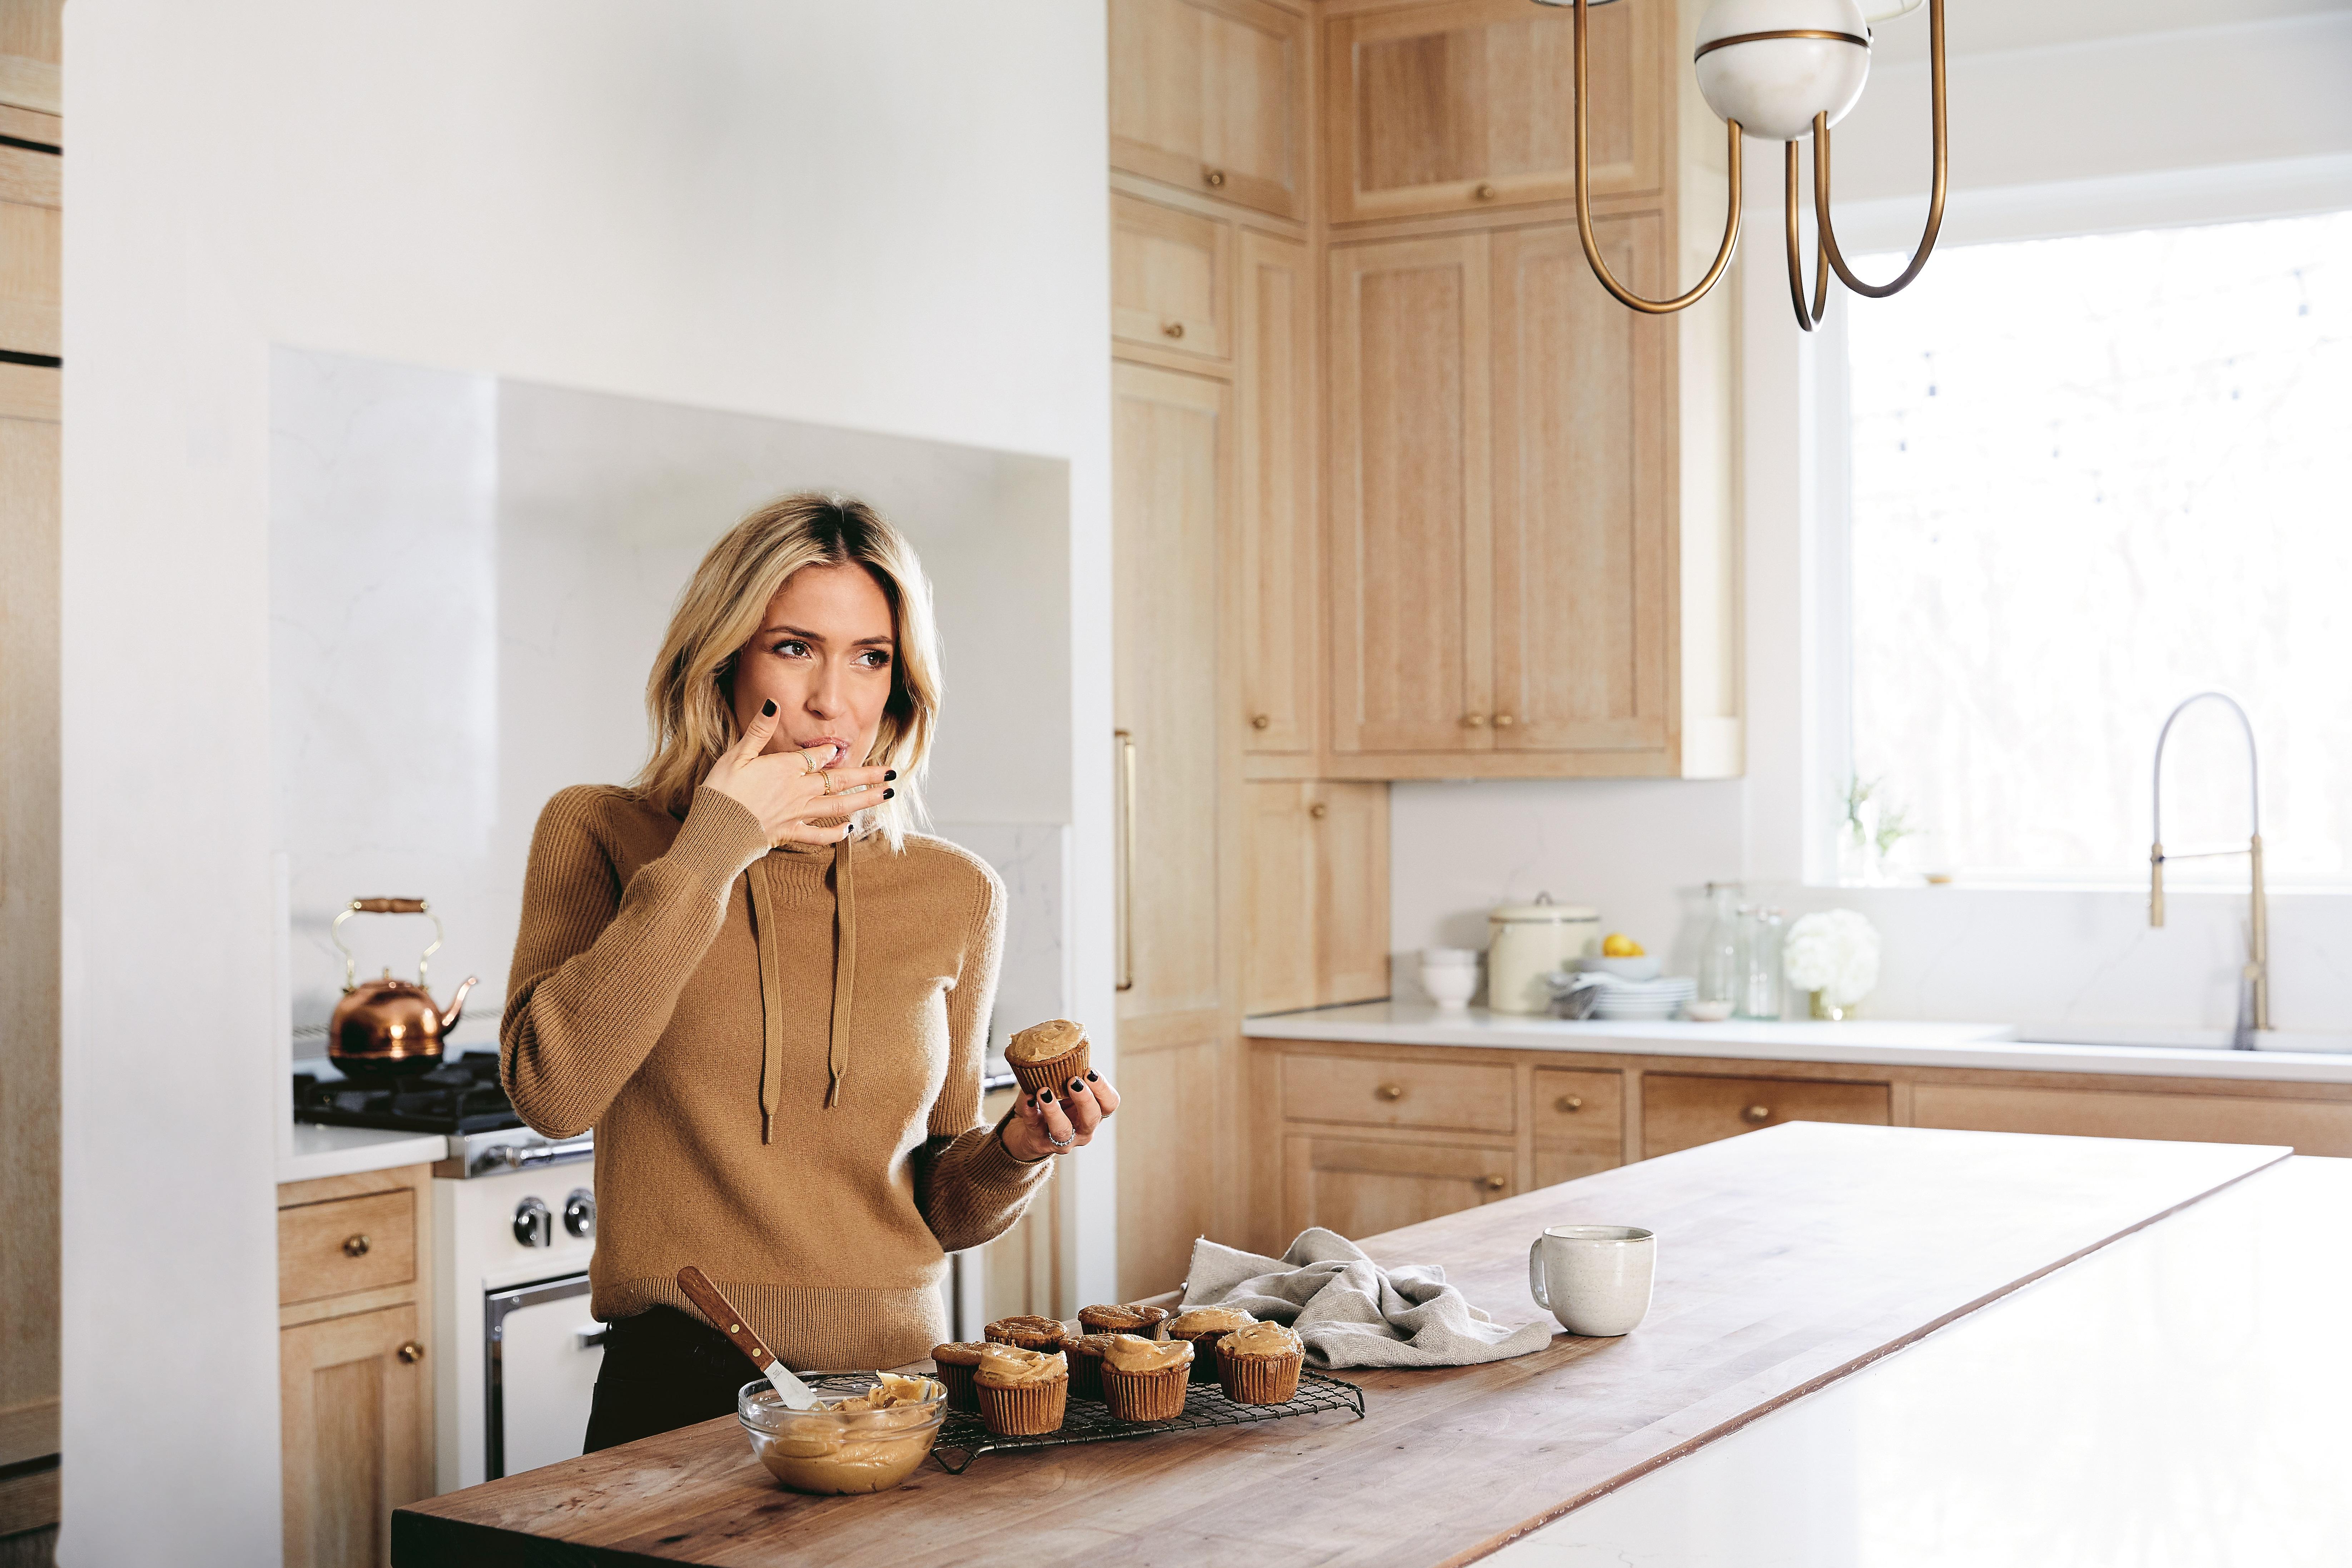 Kristin Cavallari In Her Kitchen